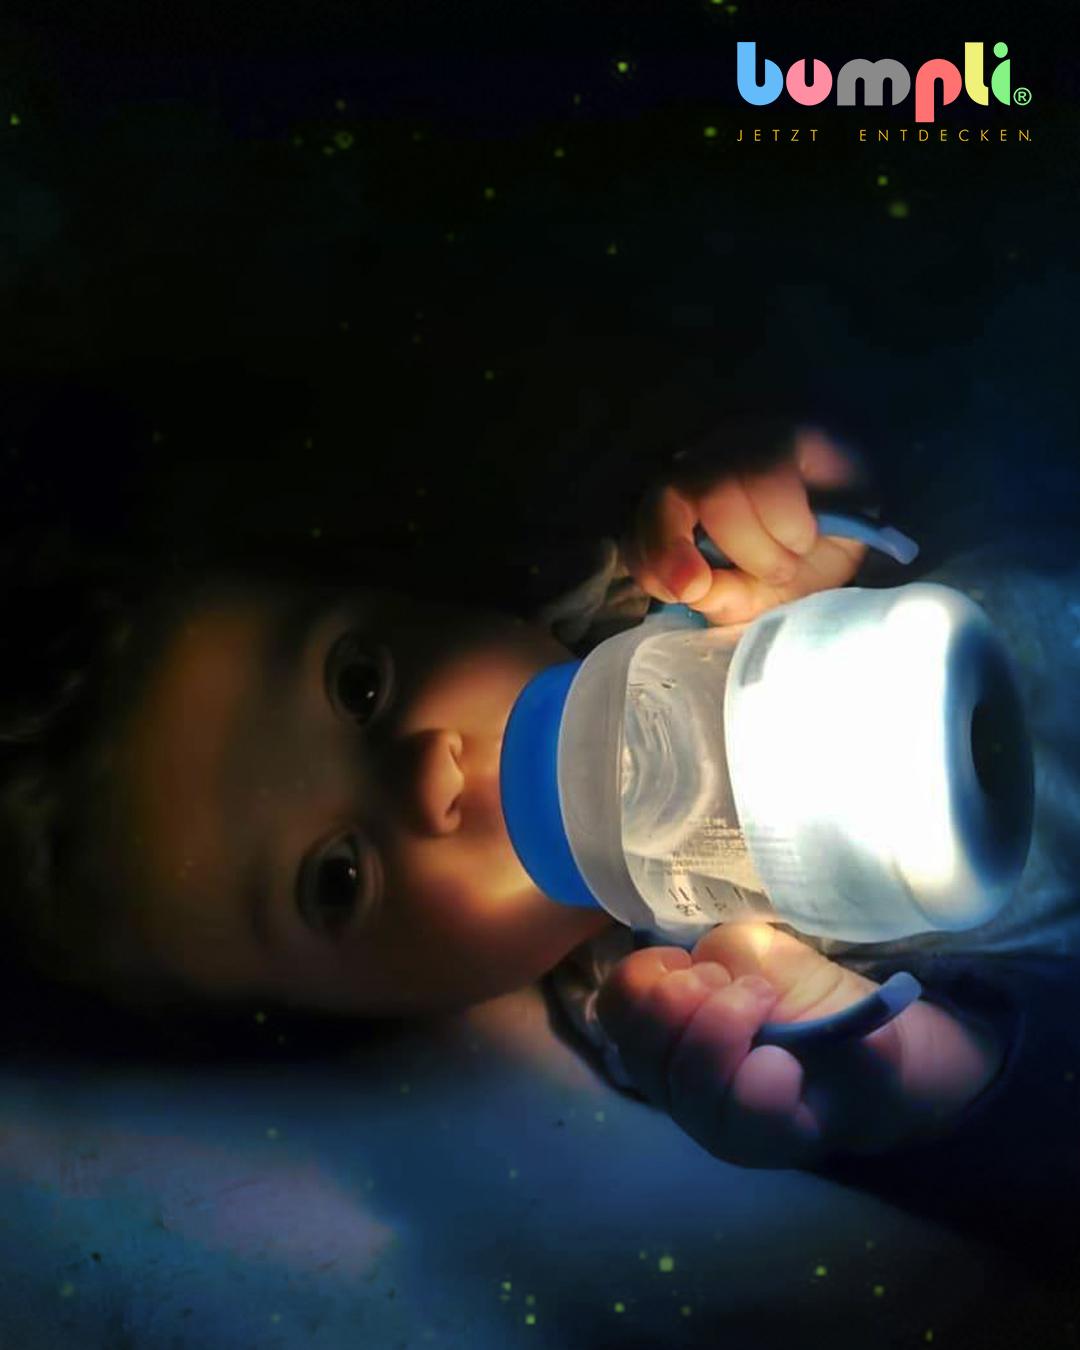 cshow - Bumpli Trinkflasche mit Nachtlicht: Warum unser 1-Jähriger begeistert ist